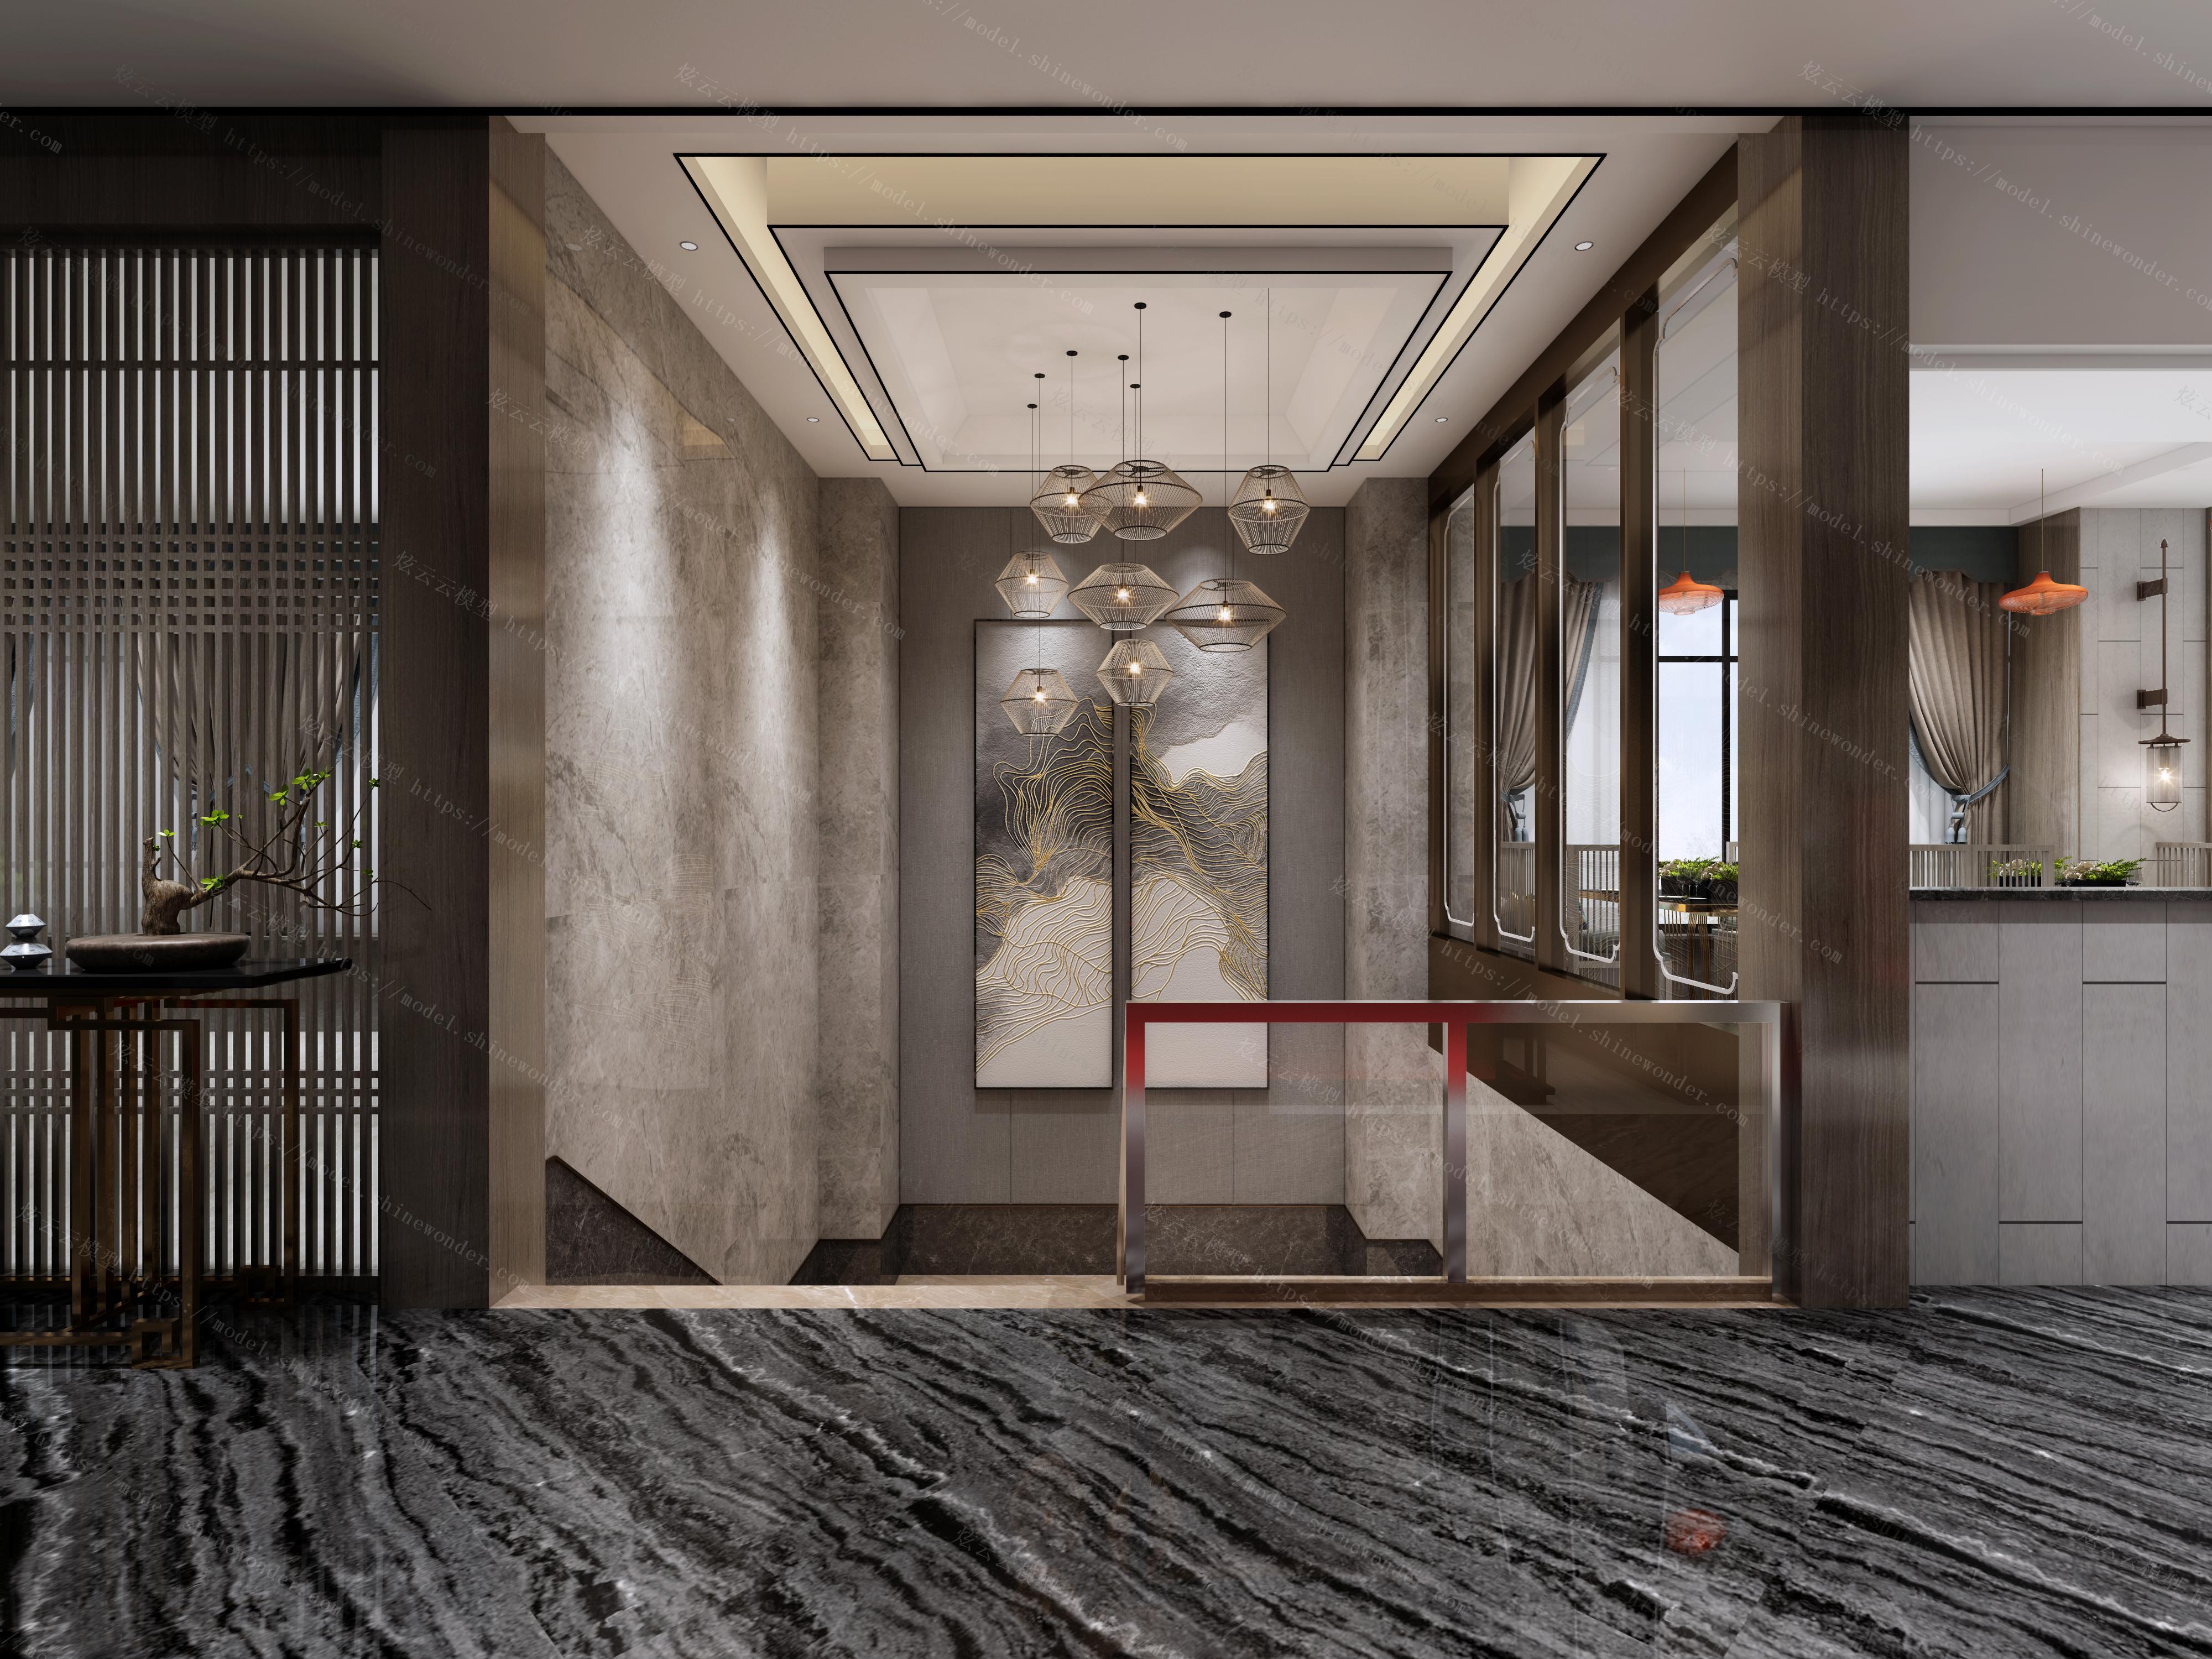 新中式餐厅楼梯厅模型